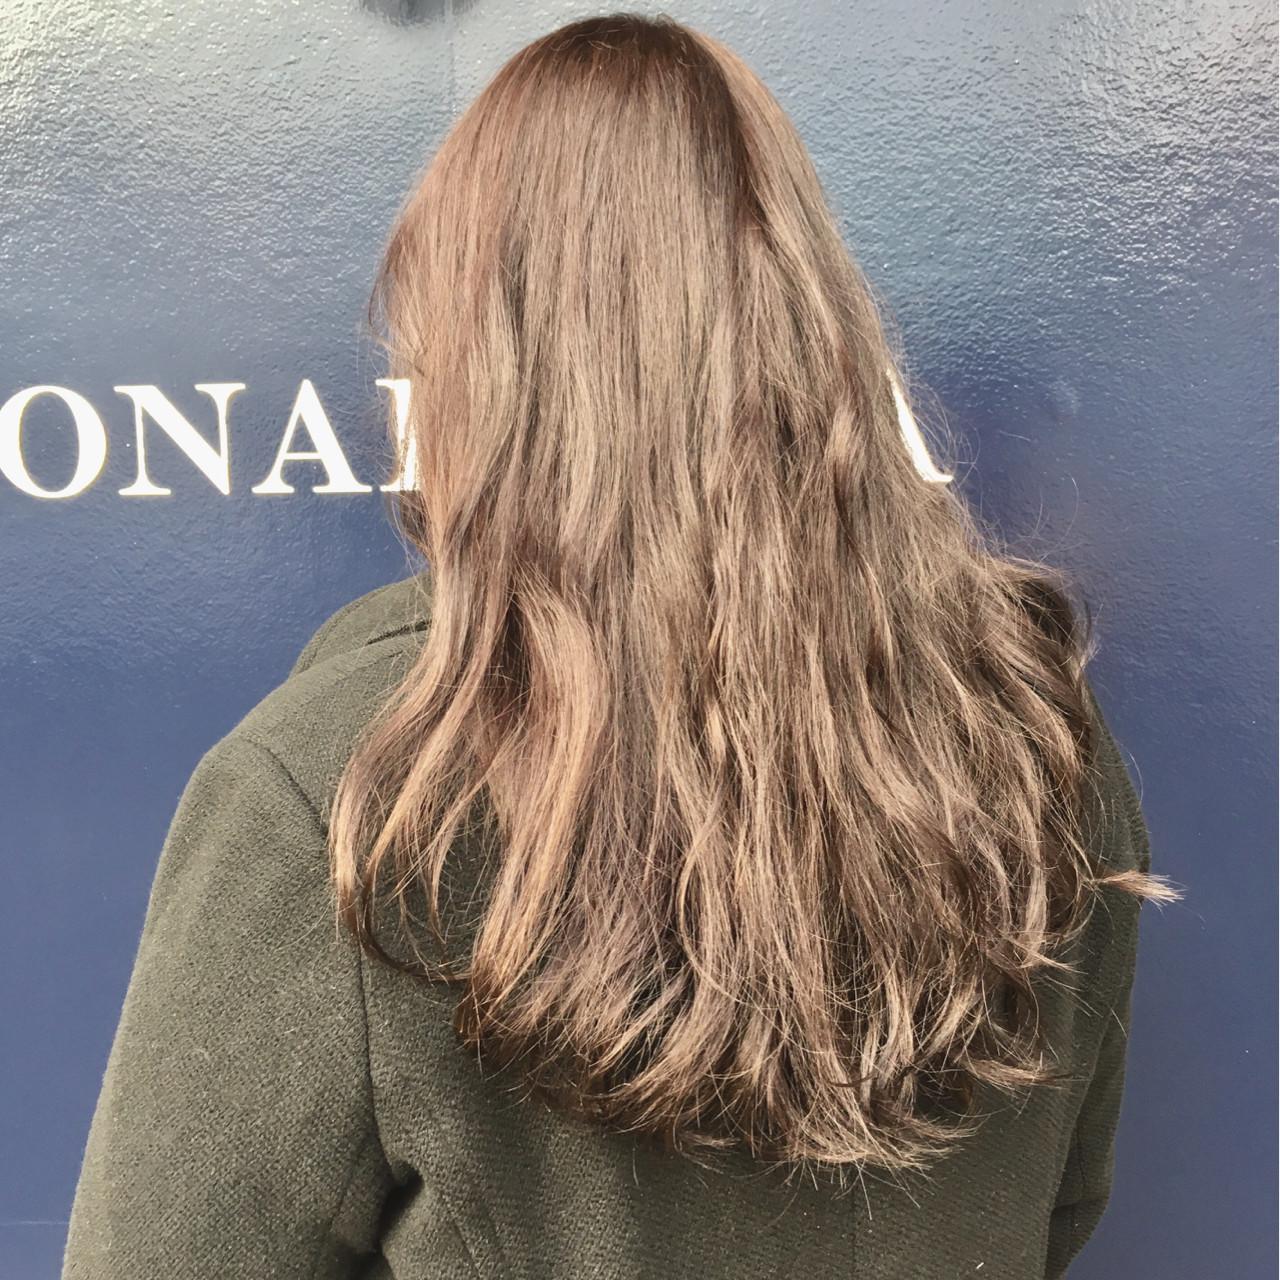 イルミナカラー アッシュ 透明感 ロング ヘアスタイルや髪型の写真・画像